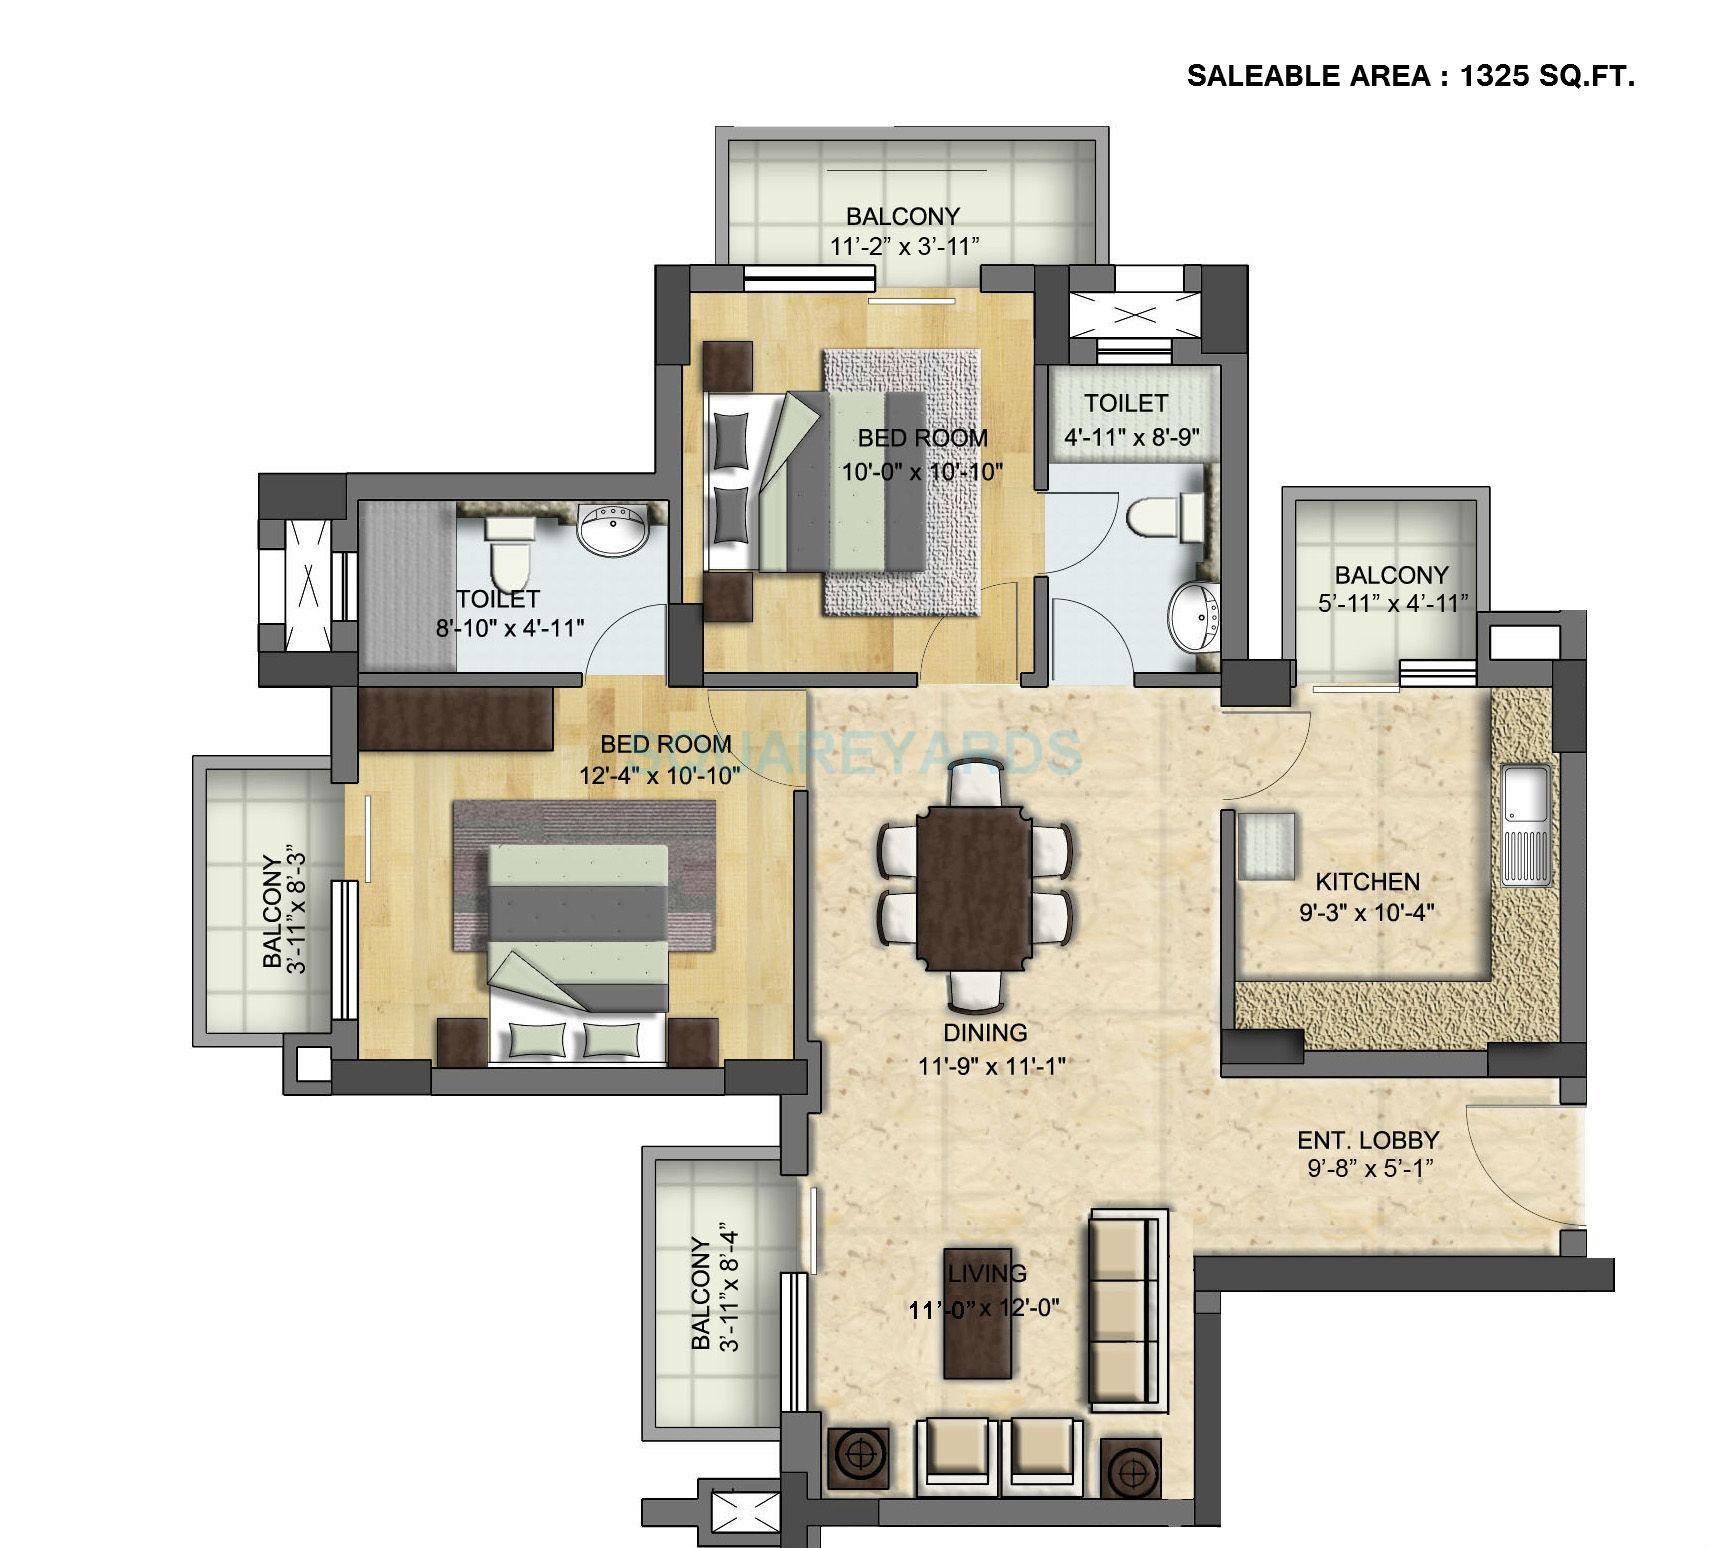 puravankara purva panorama apartment 2bhk 1325sqft1